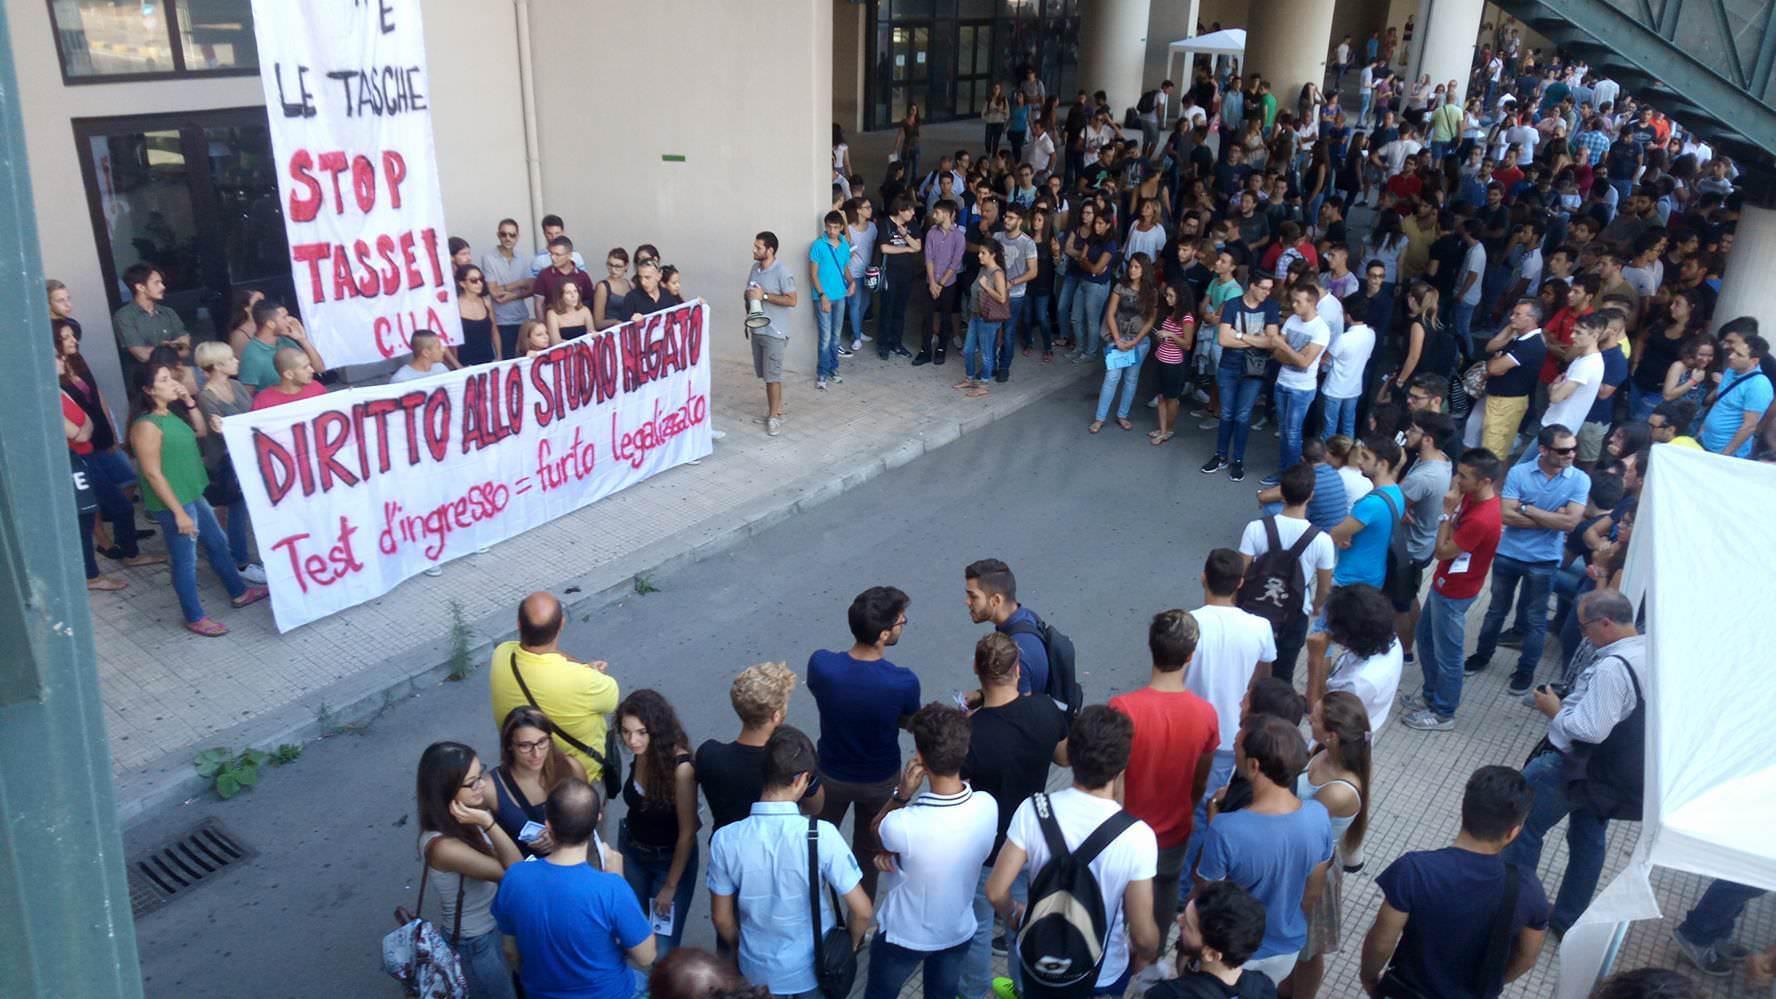 """Palermo, studenti contro il sistema: """"Test di ingresso un vero e proprio raggiro"""""""